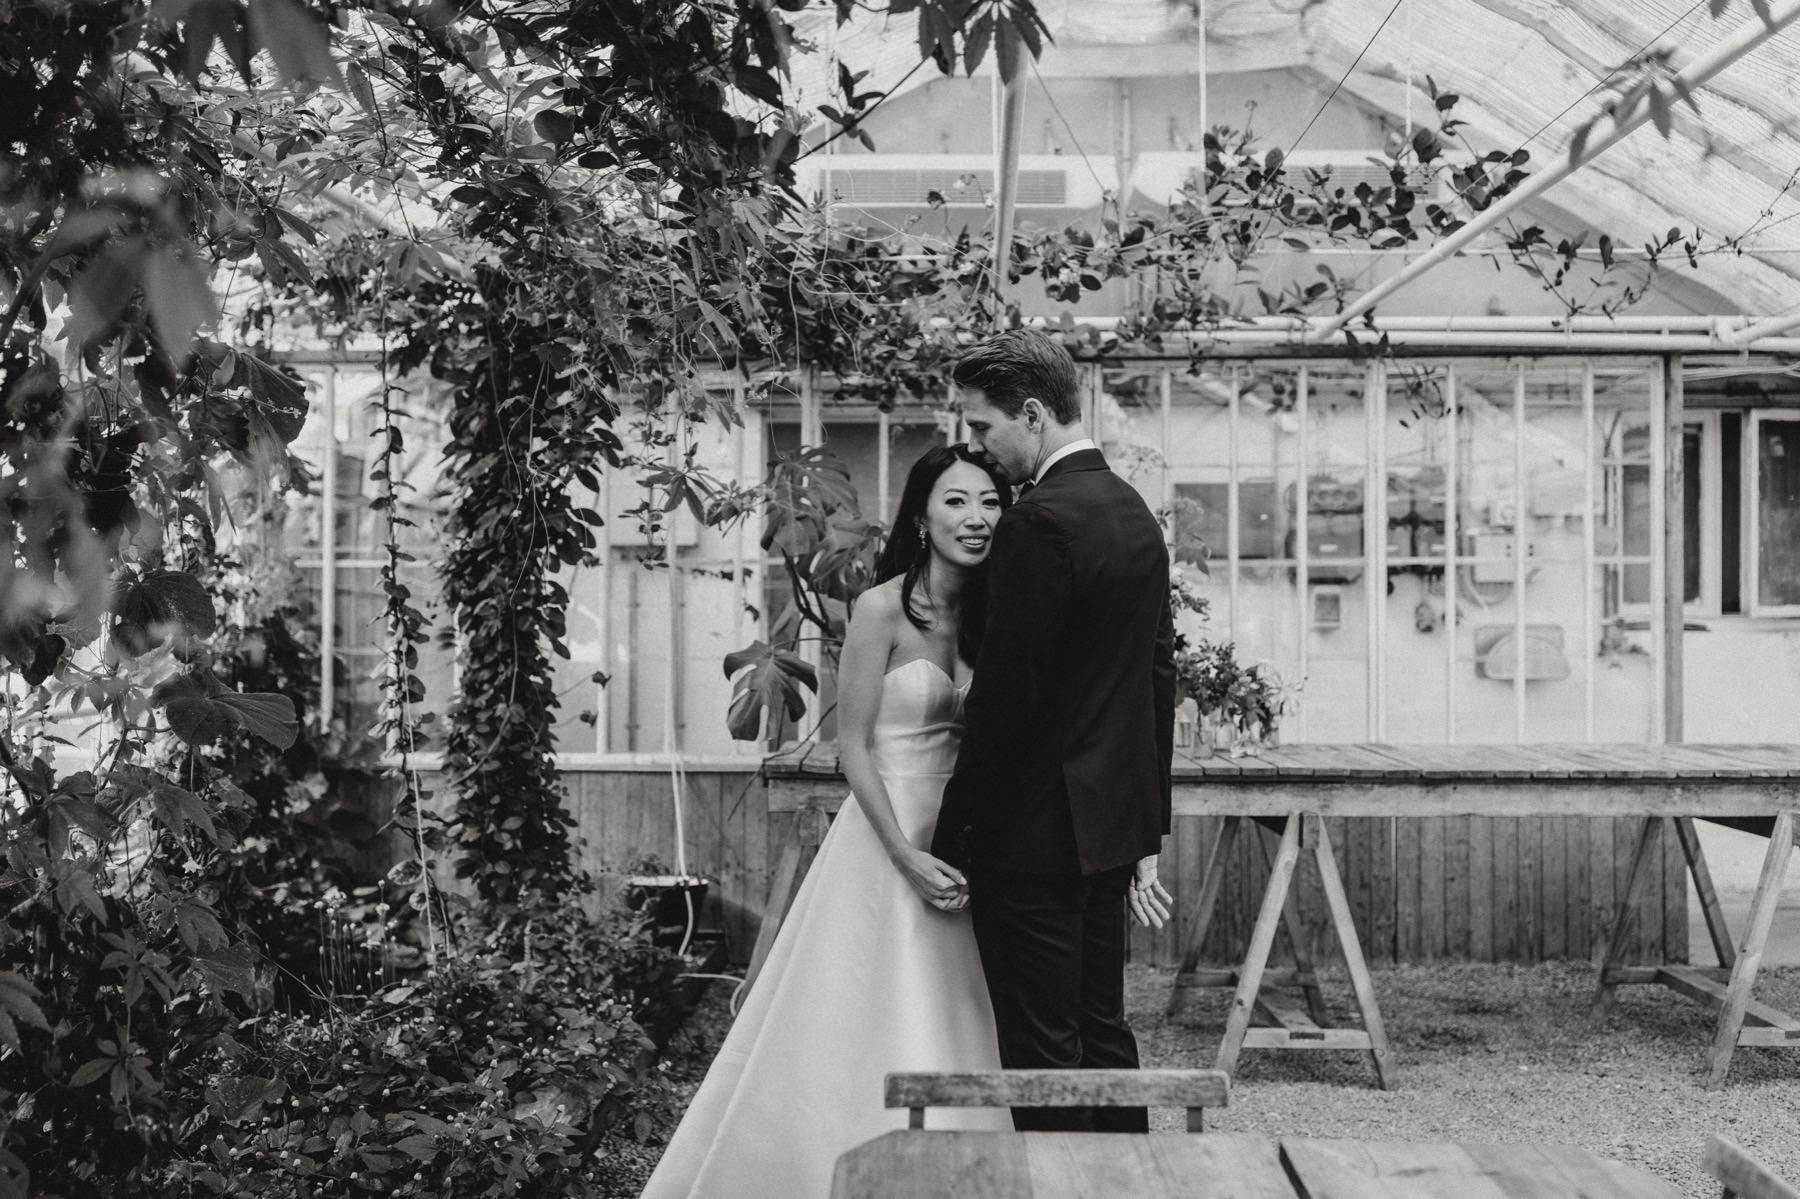 Stockholm wedding photographers